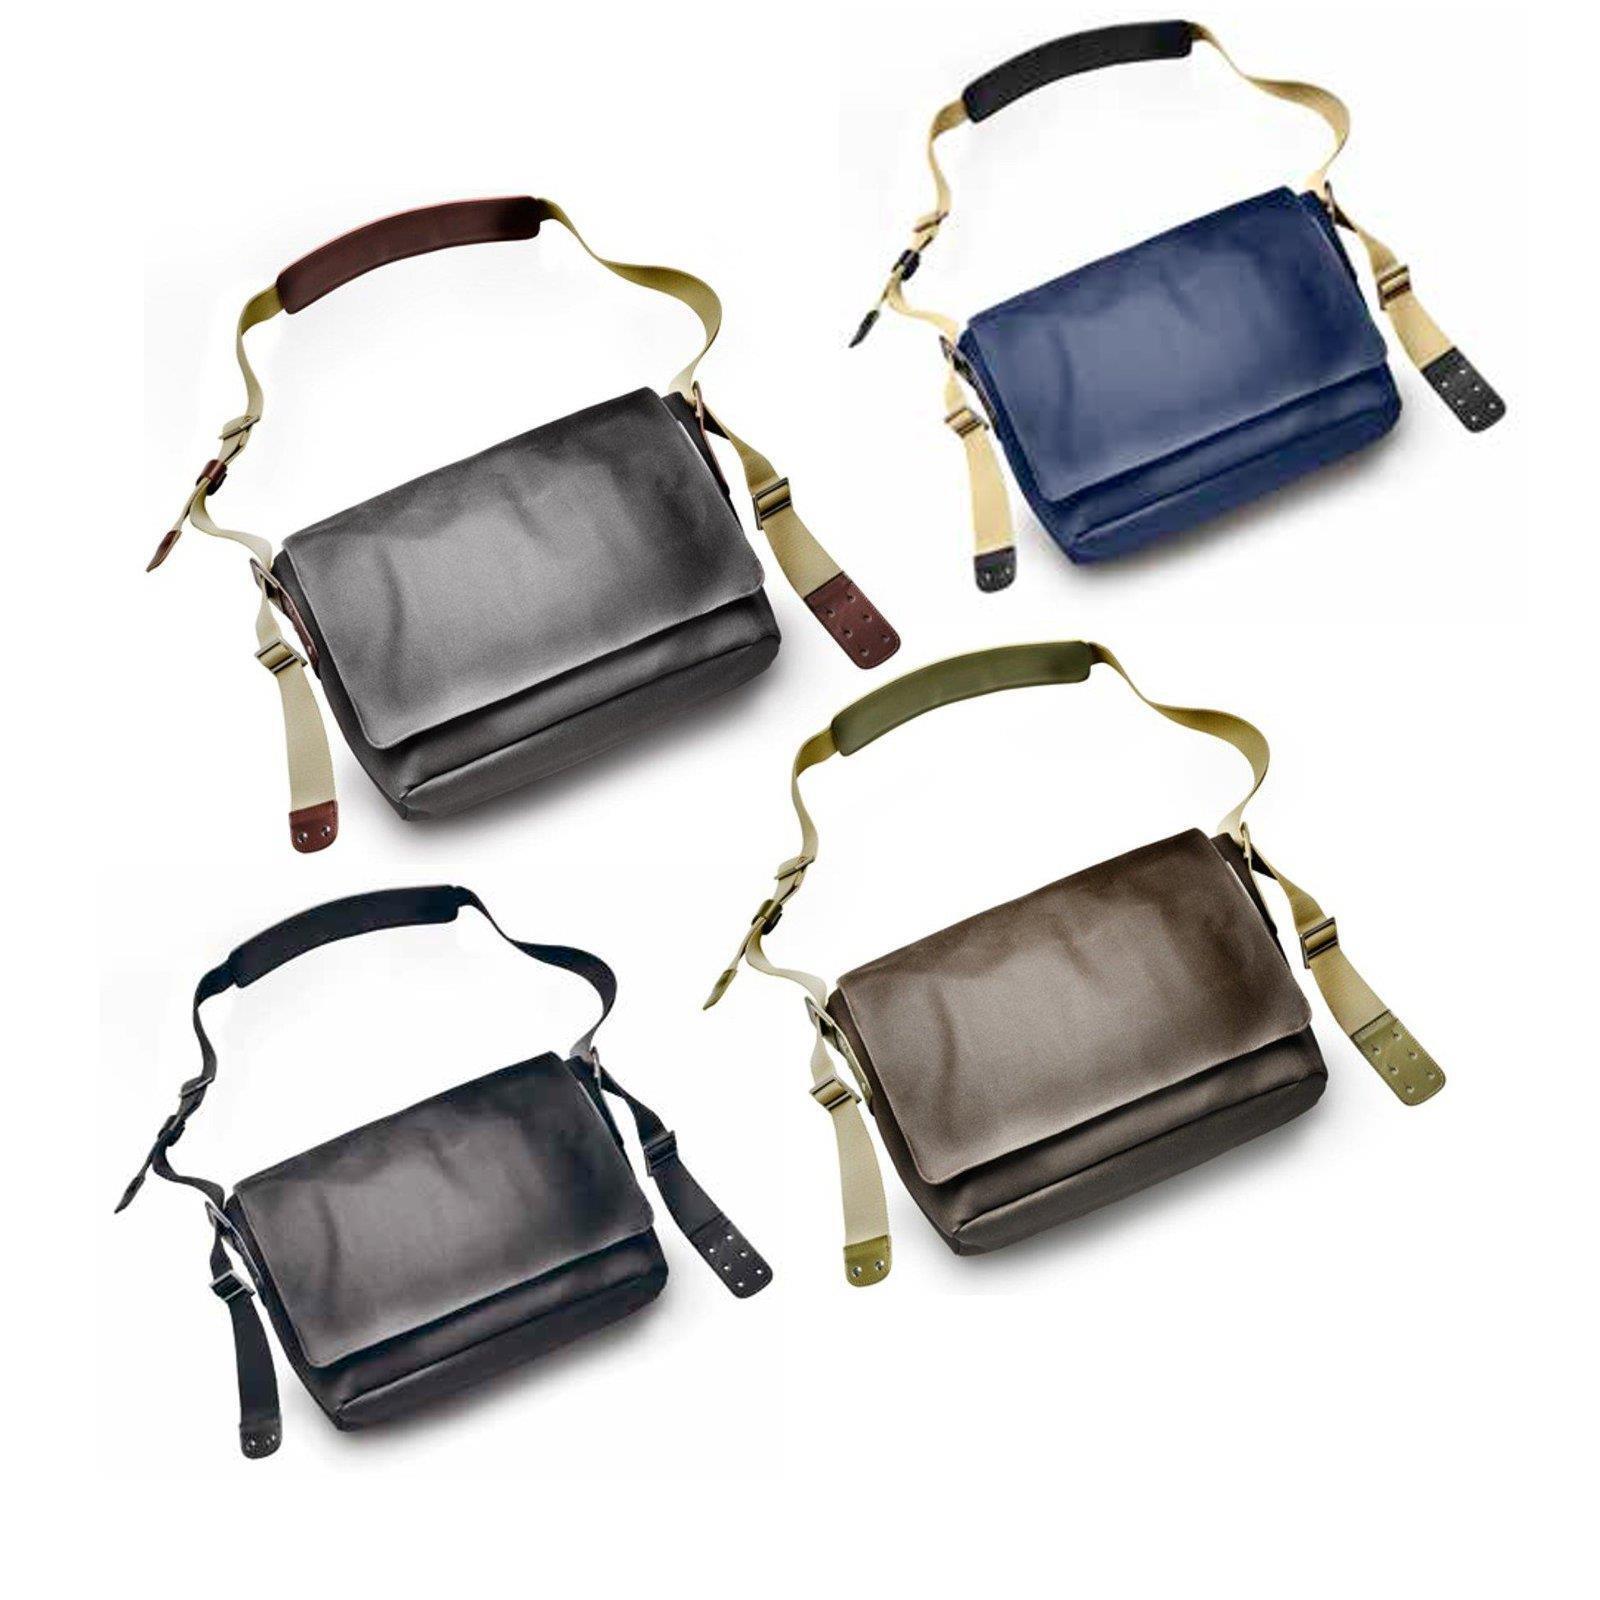 Brooks Barbican Shoulder Bag Schulter Messenger Fahrrad Kurier  Tasche Lifyestlye  for cheap